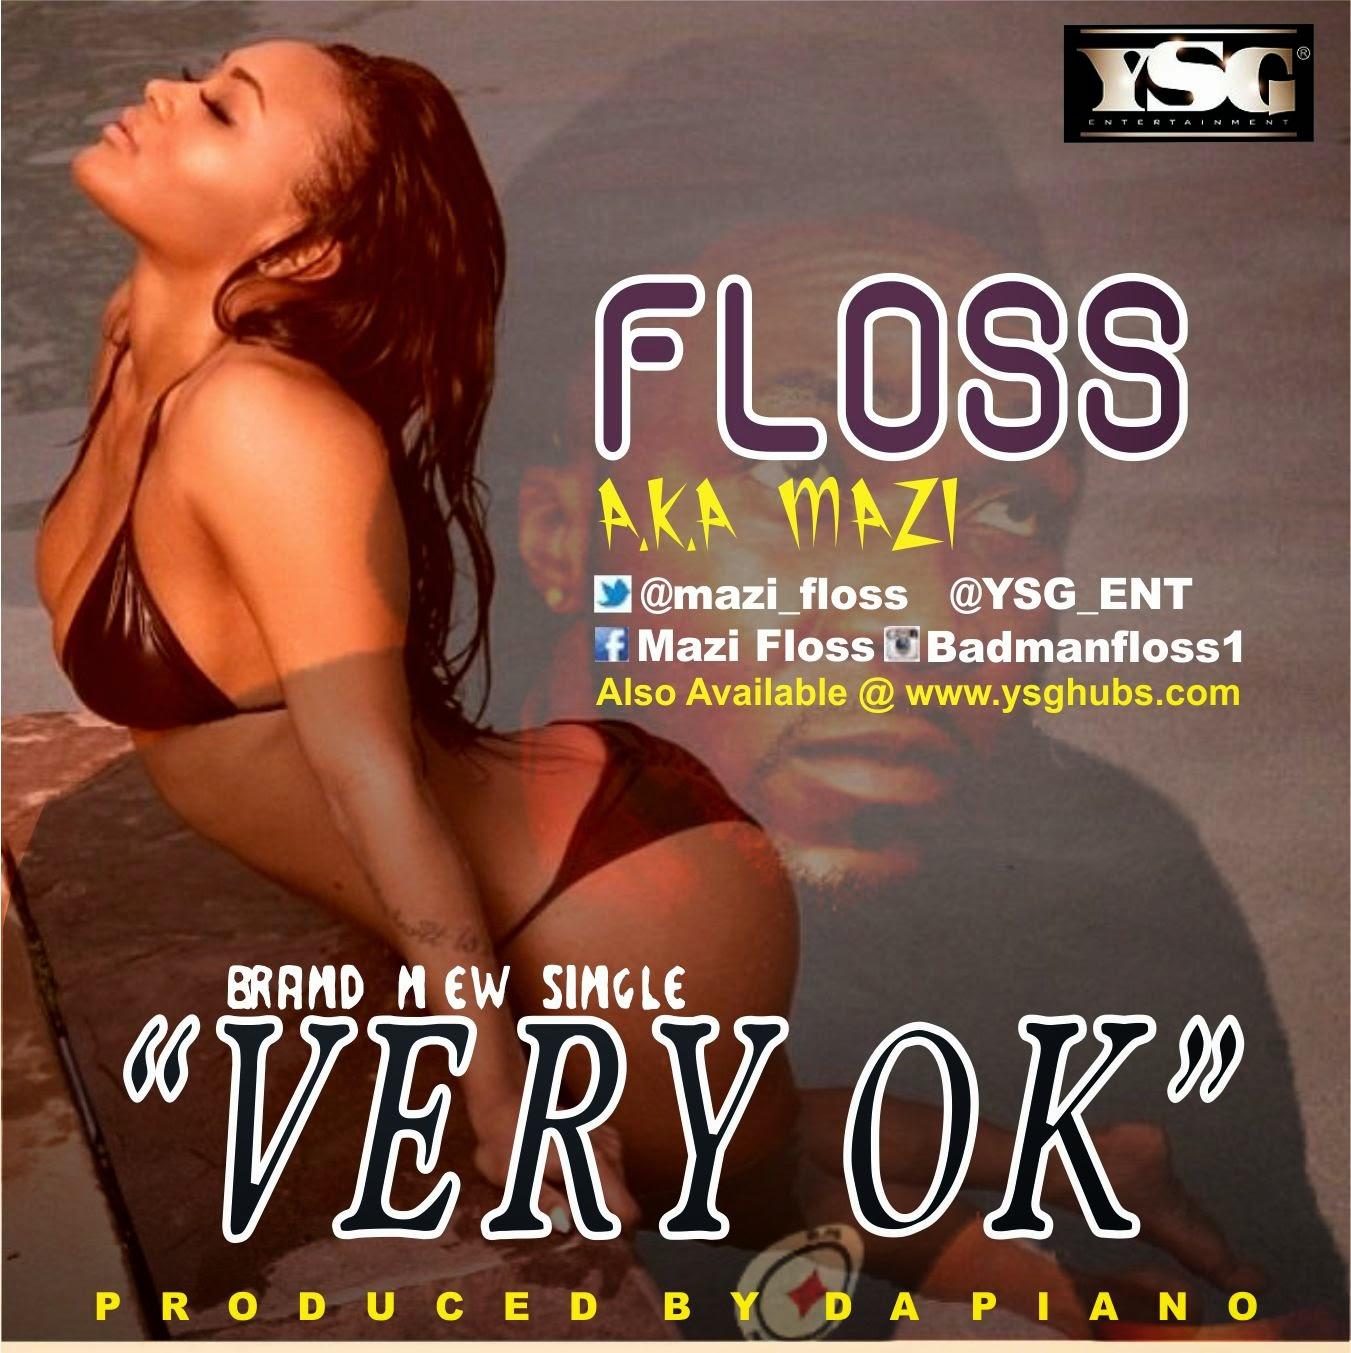 FLOSS+DP NEW MUSIC: FLOSS   VERY OK (@mazi floss)